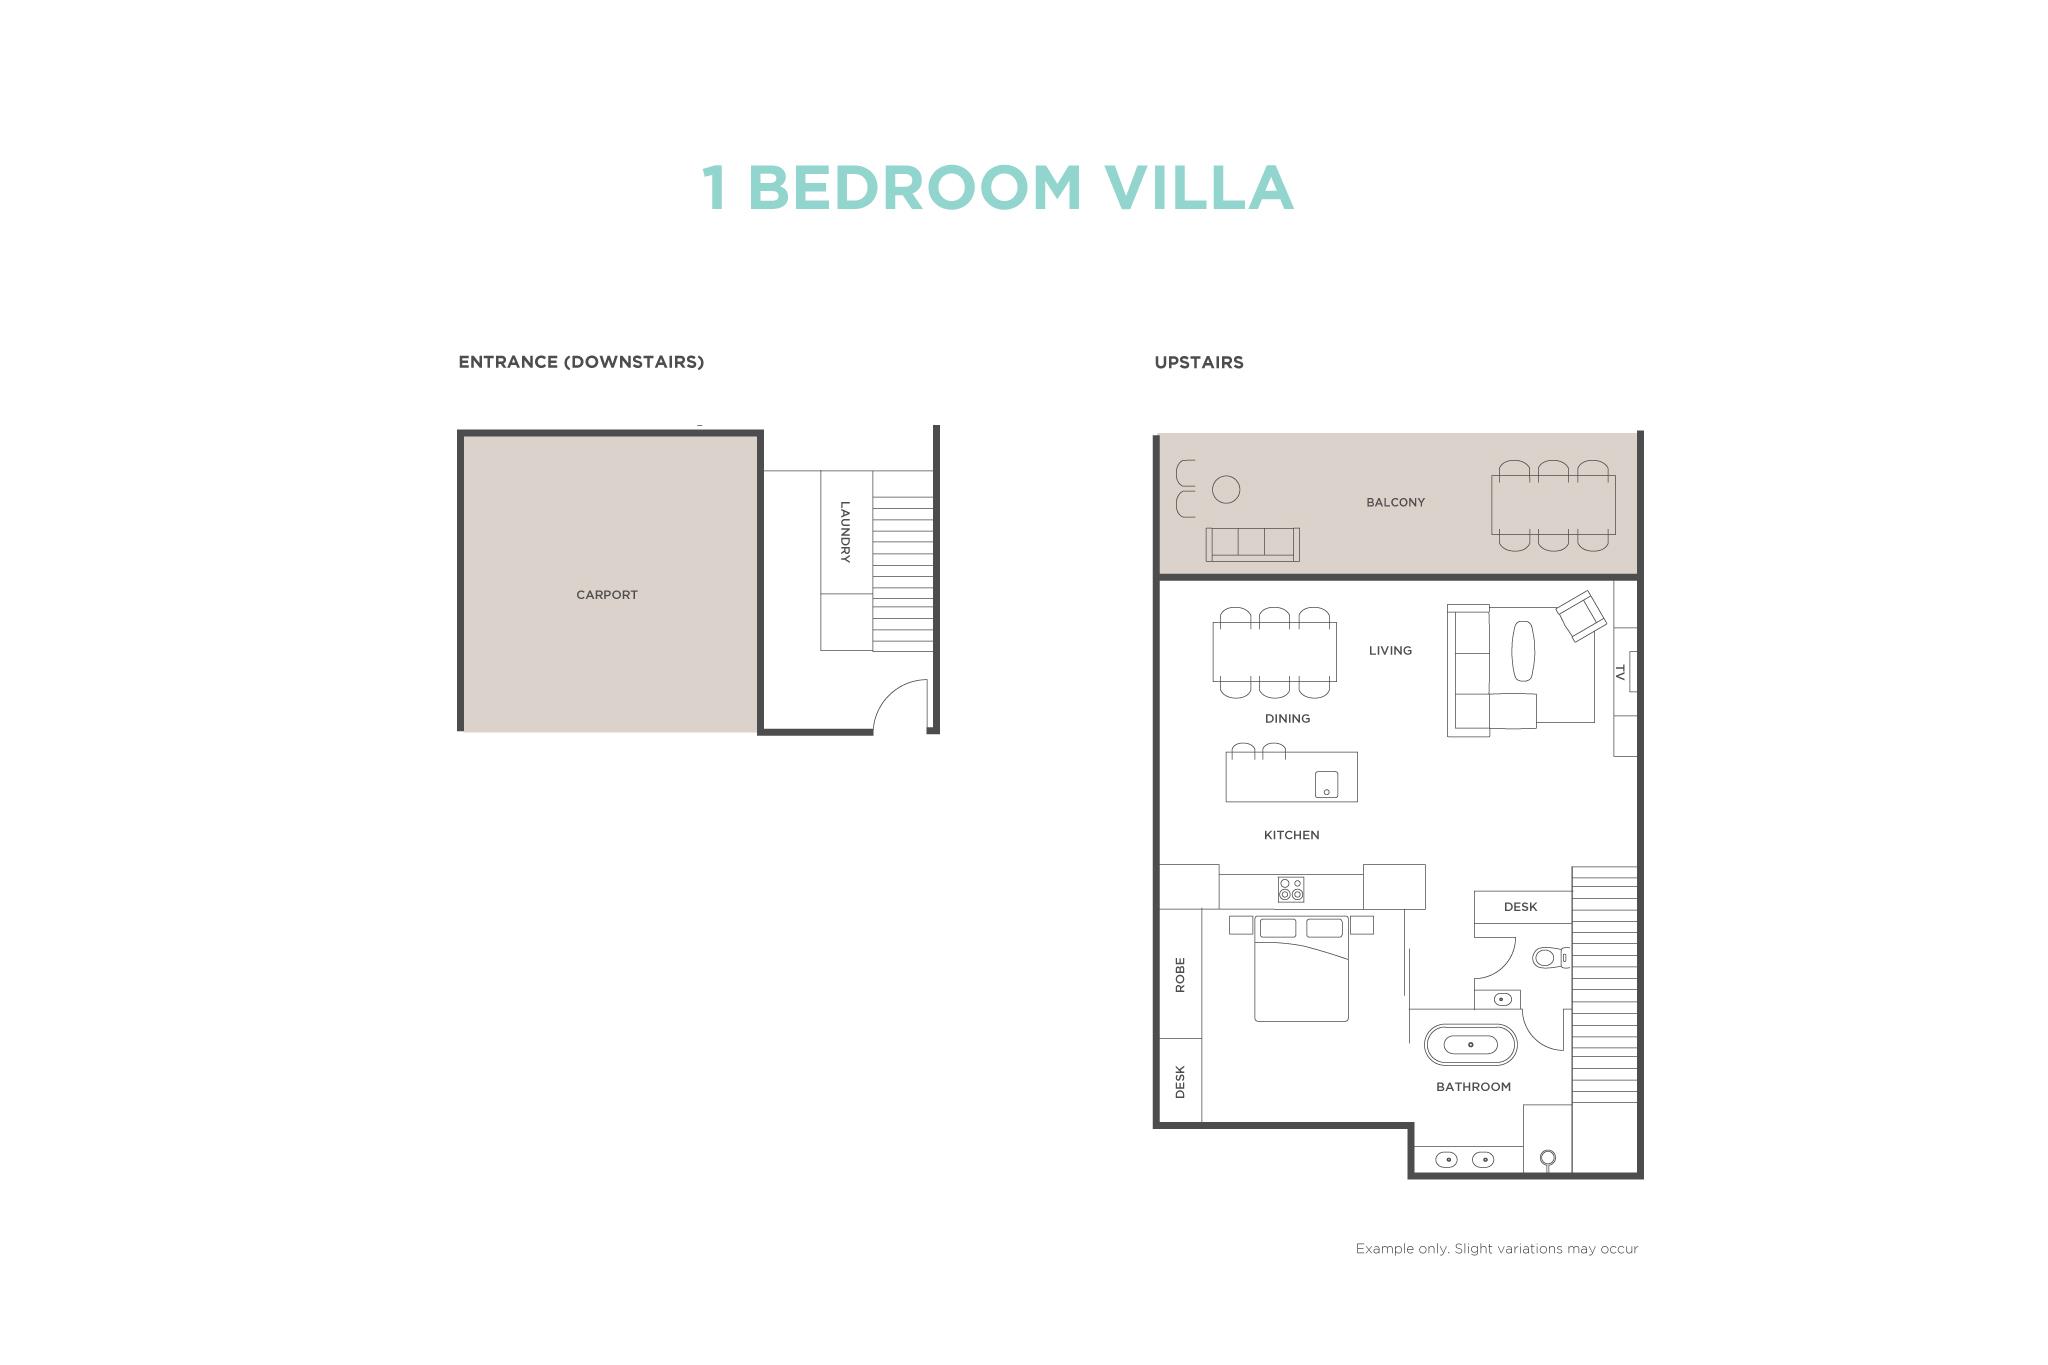 1 Bedroom Ocean View Villa floor plan